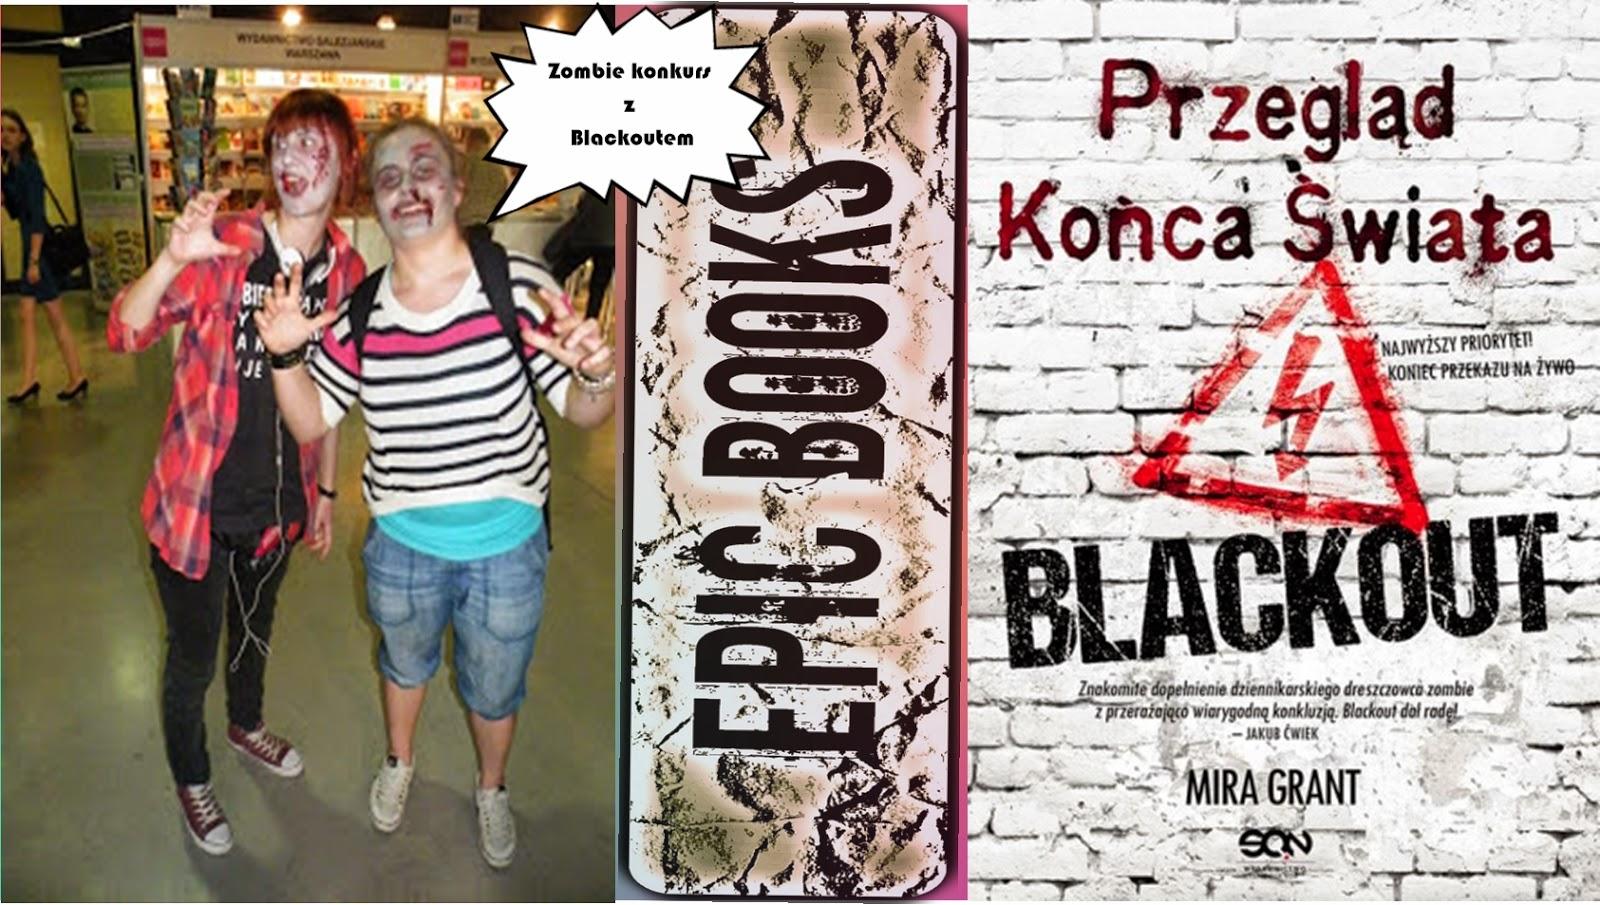 http://epickieksiazki.blogspot.com/2014/08/konkurs-z-blackoutem-zombie-zombie-i.html